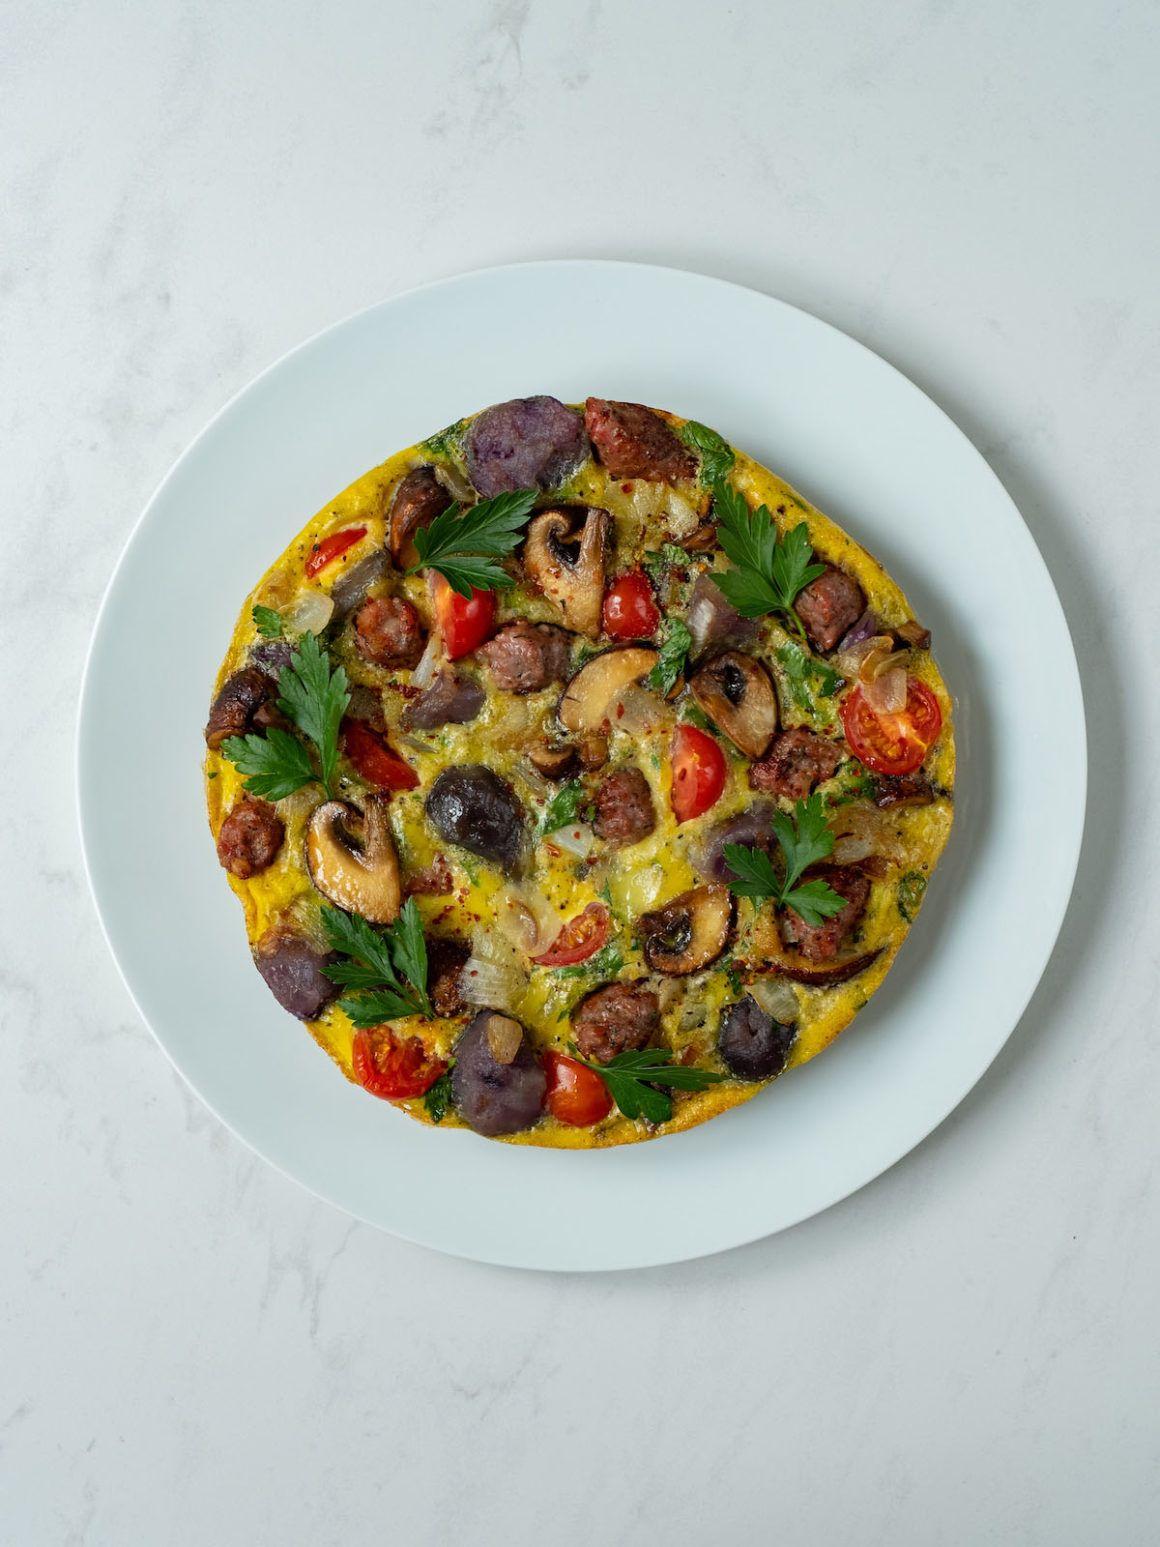 About Fuel, Foodblog, Rezept, Tortilla, Champignons, Kartoffeln